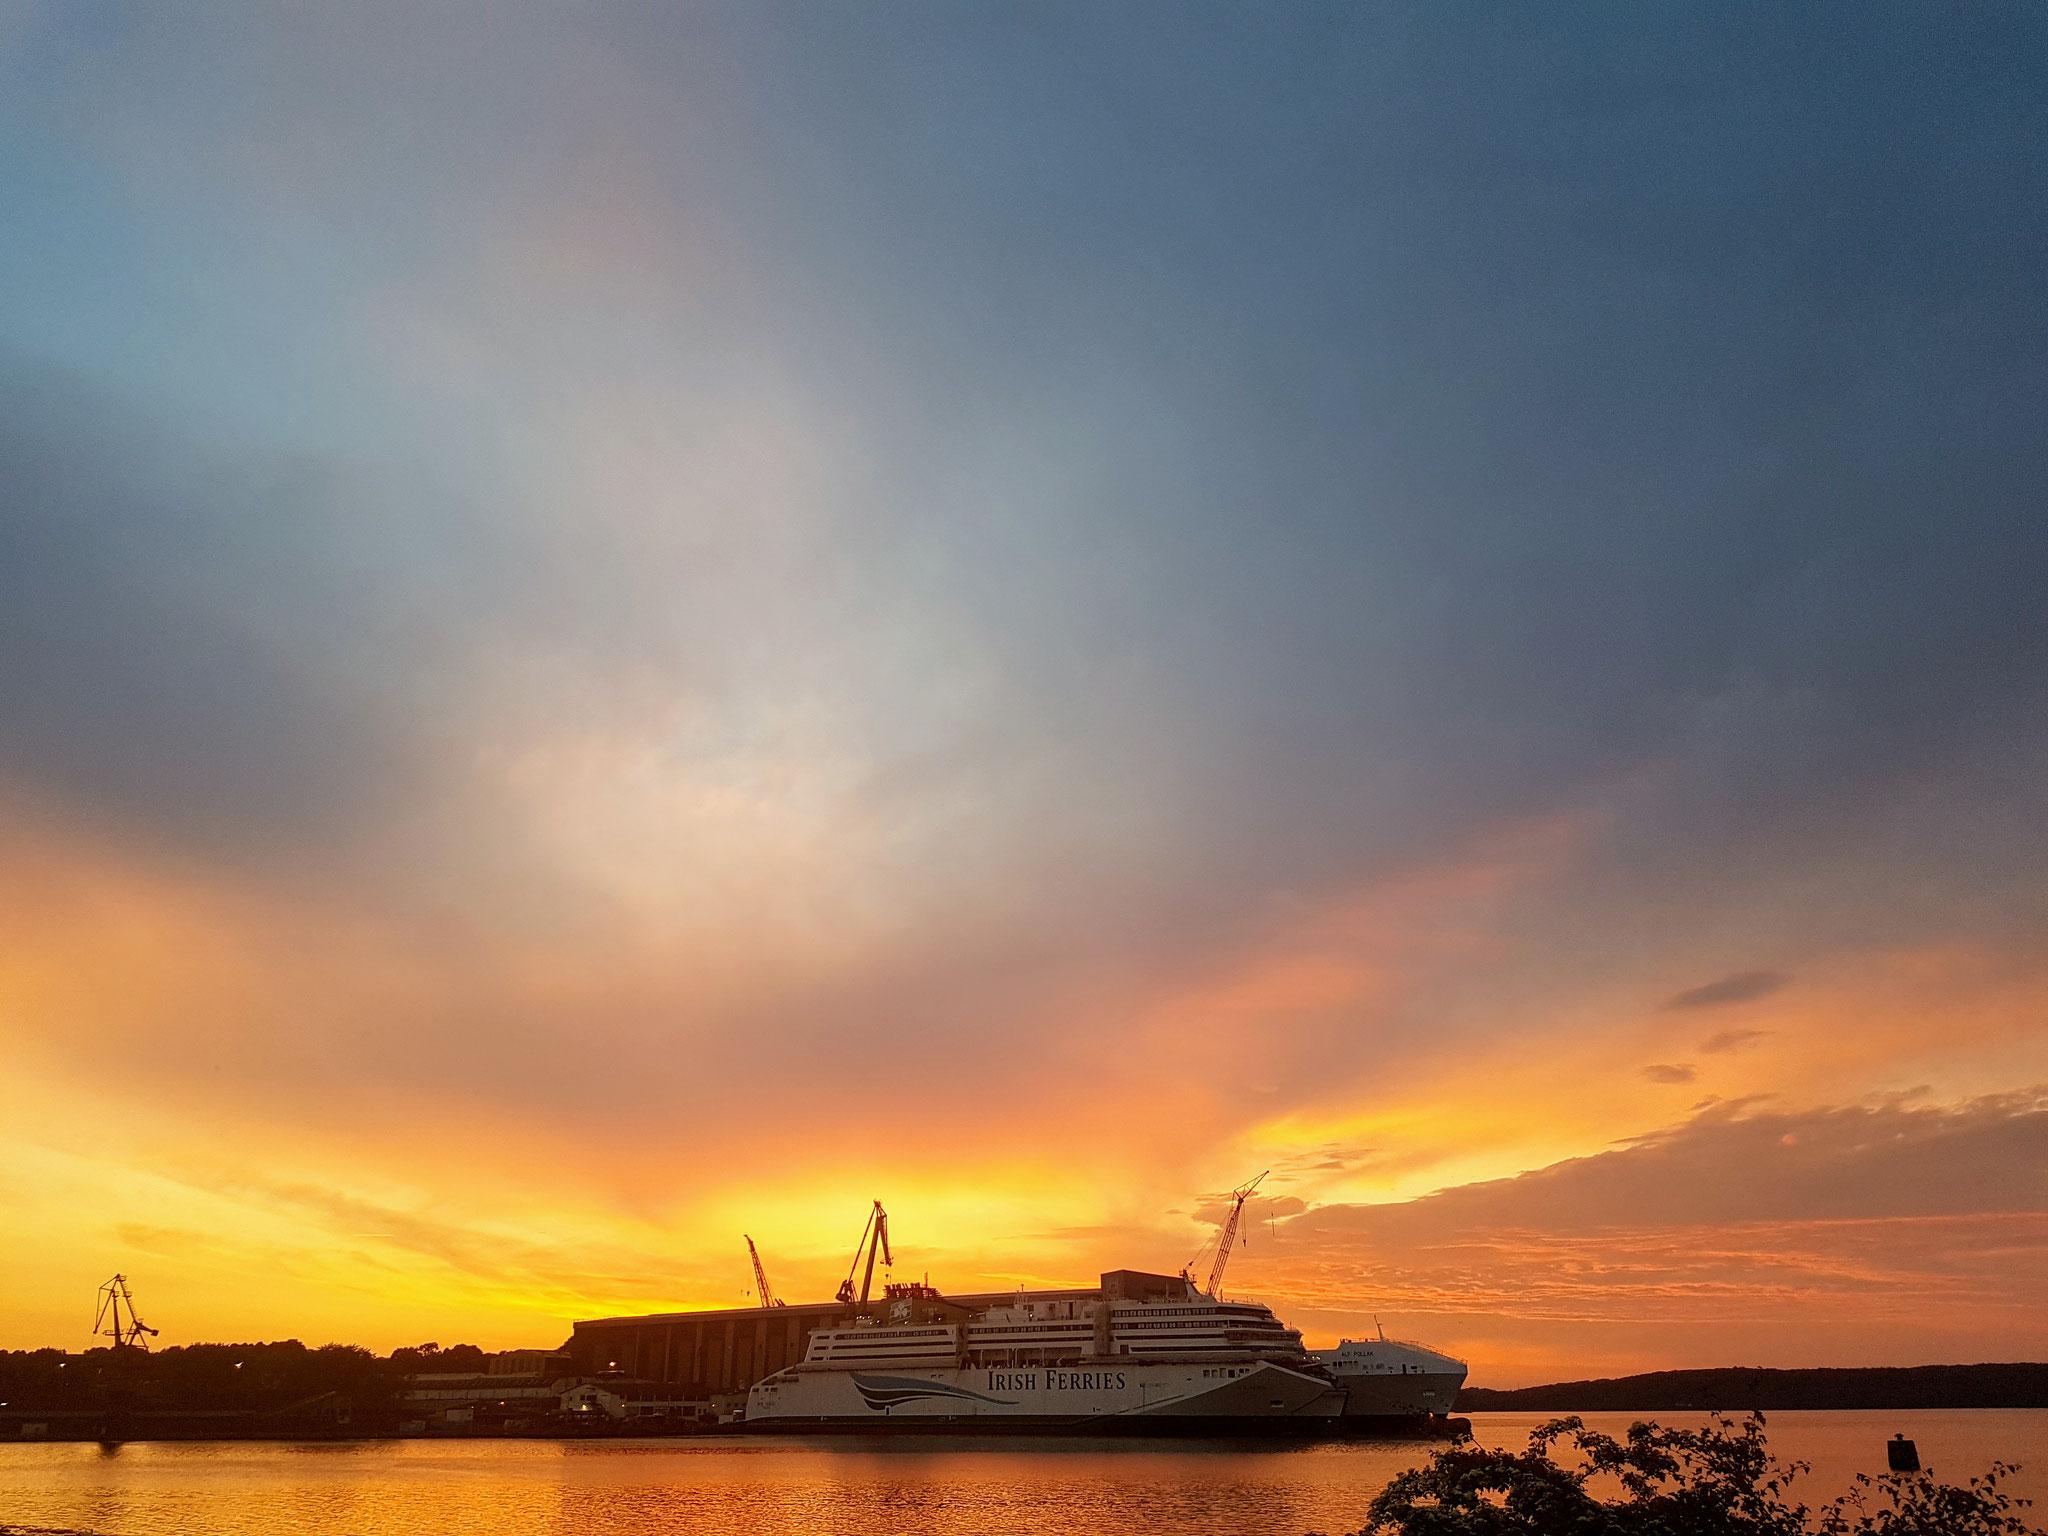 Aussicht von unserem Stellplatz in Flensburg. Nein, es brennt nicht. Das ist der Sonnenuntergang....